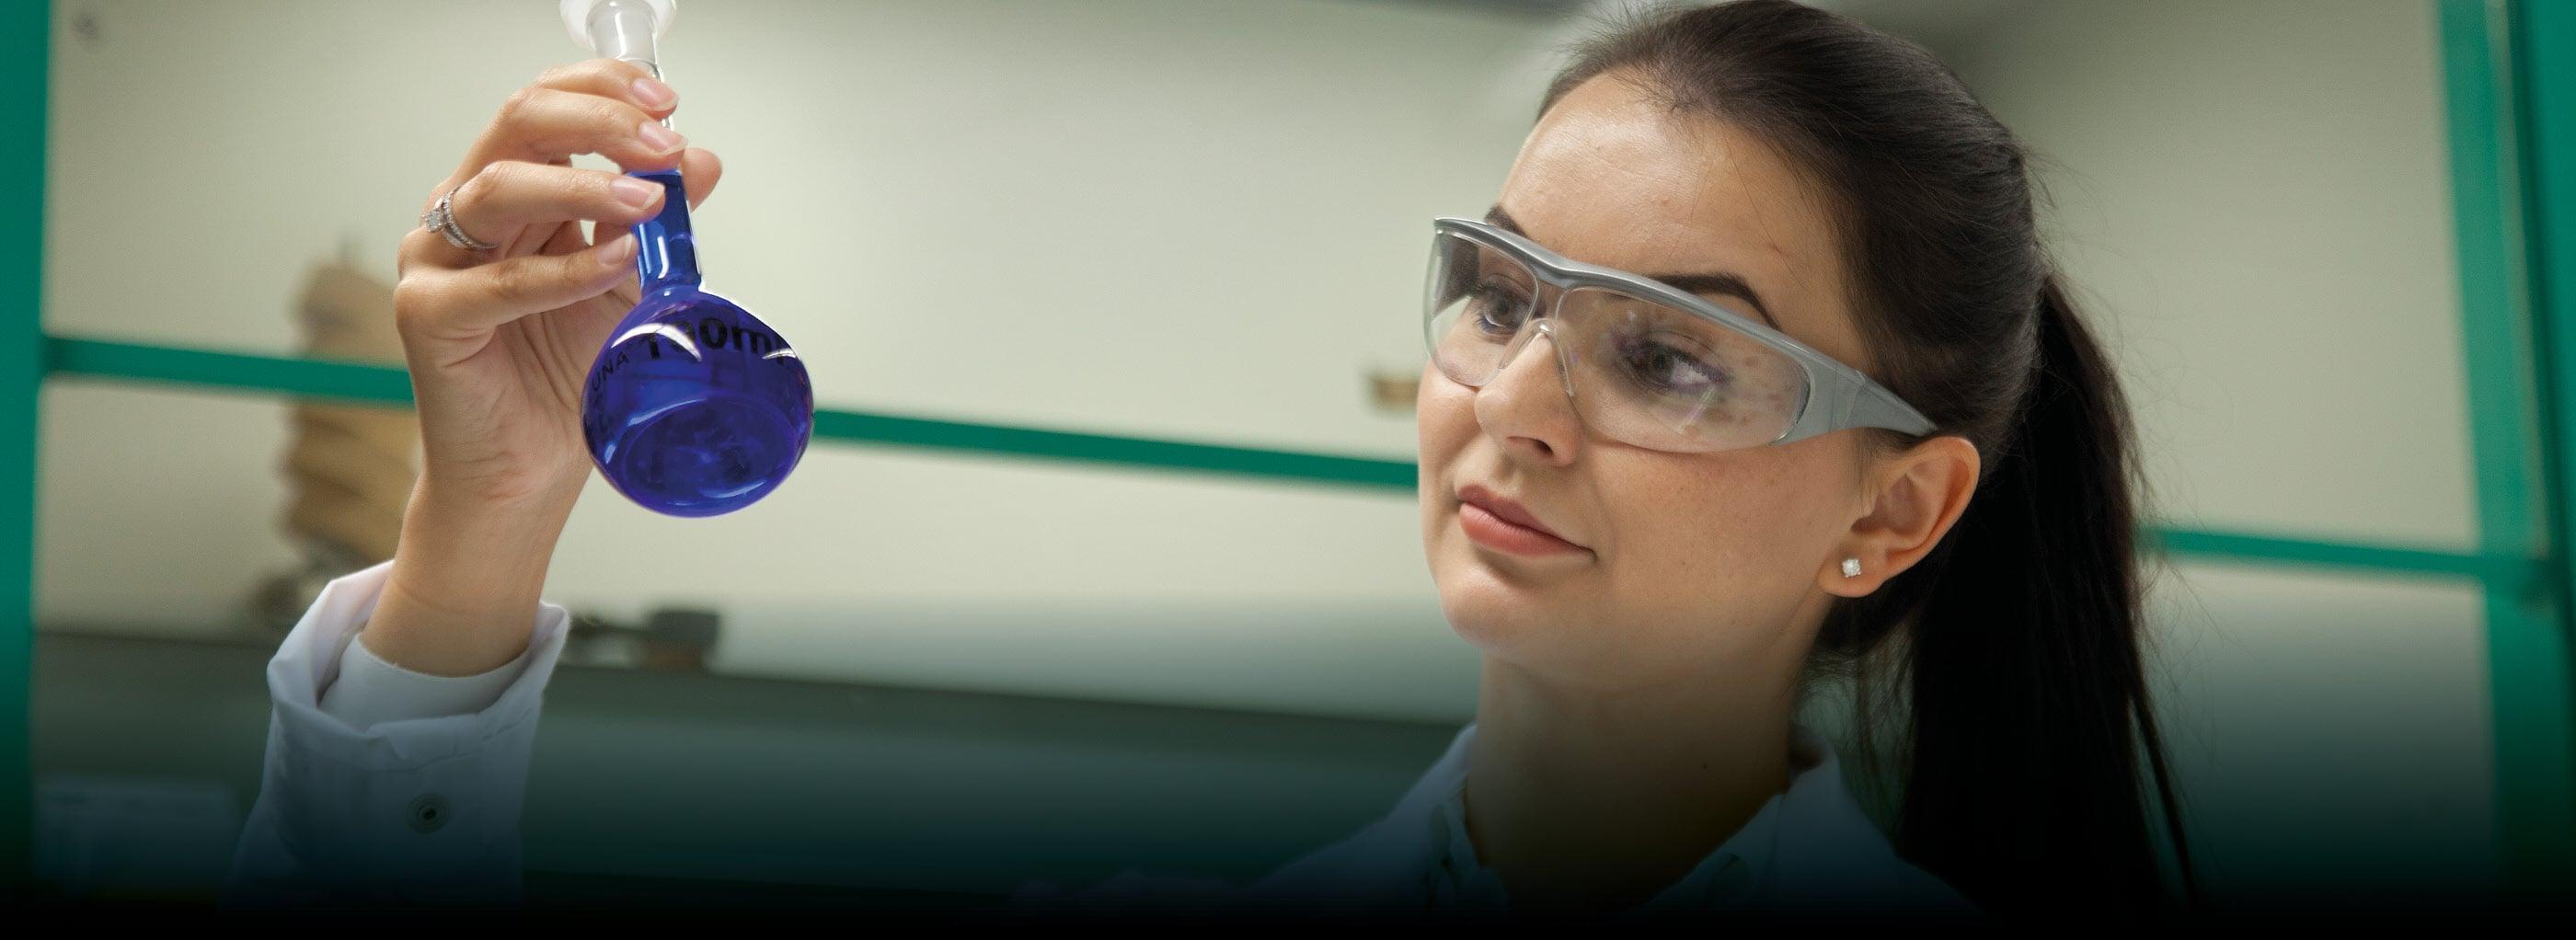 Schnupperlehre_Apprenticeship_LabTechnician